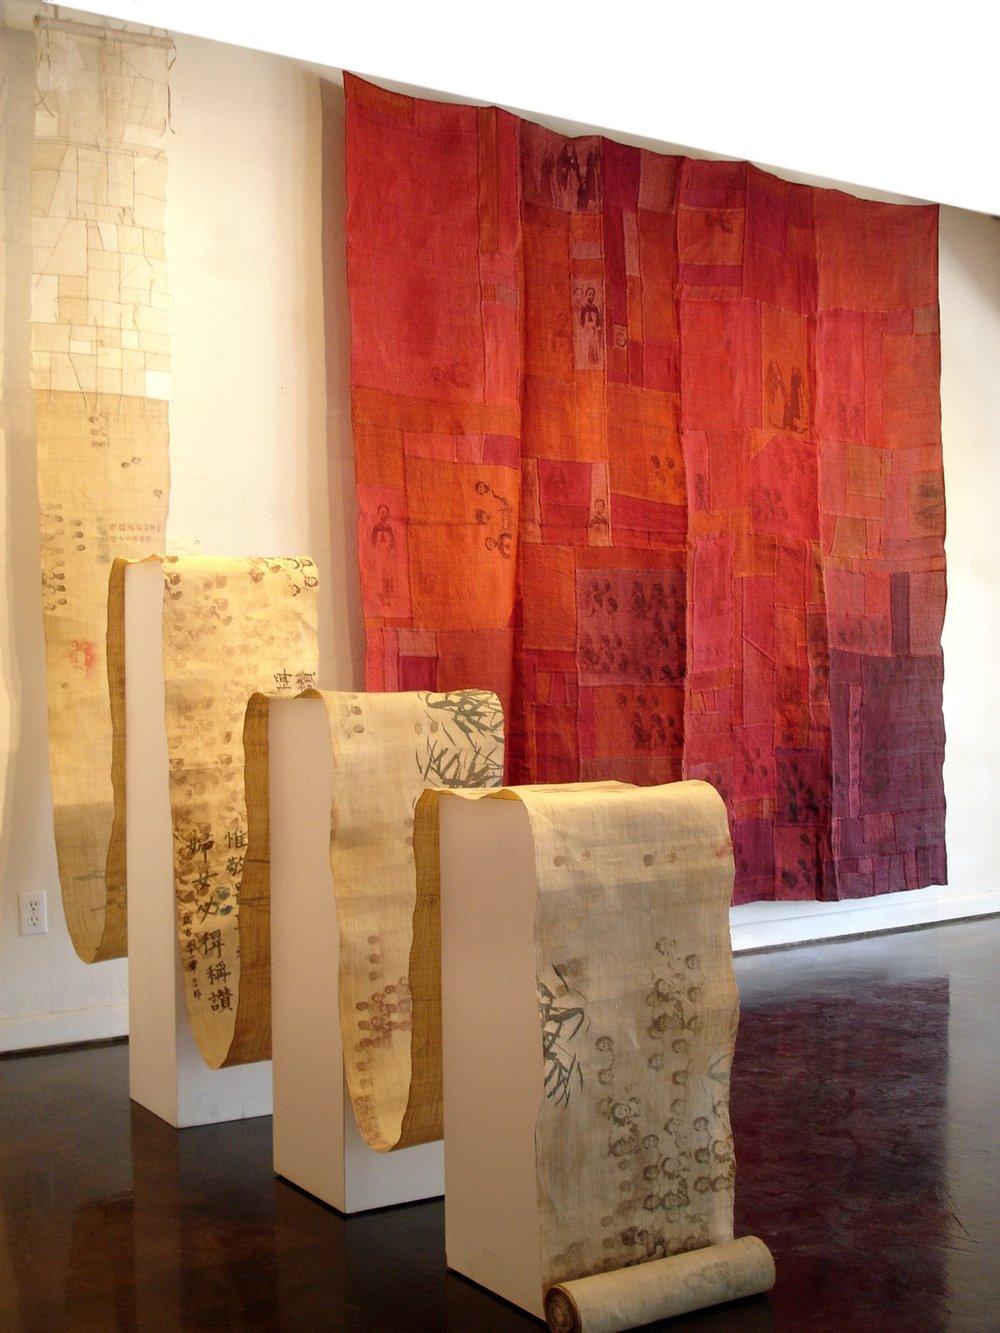 Chungie Lee,  Ivory Scroll